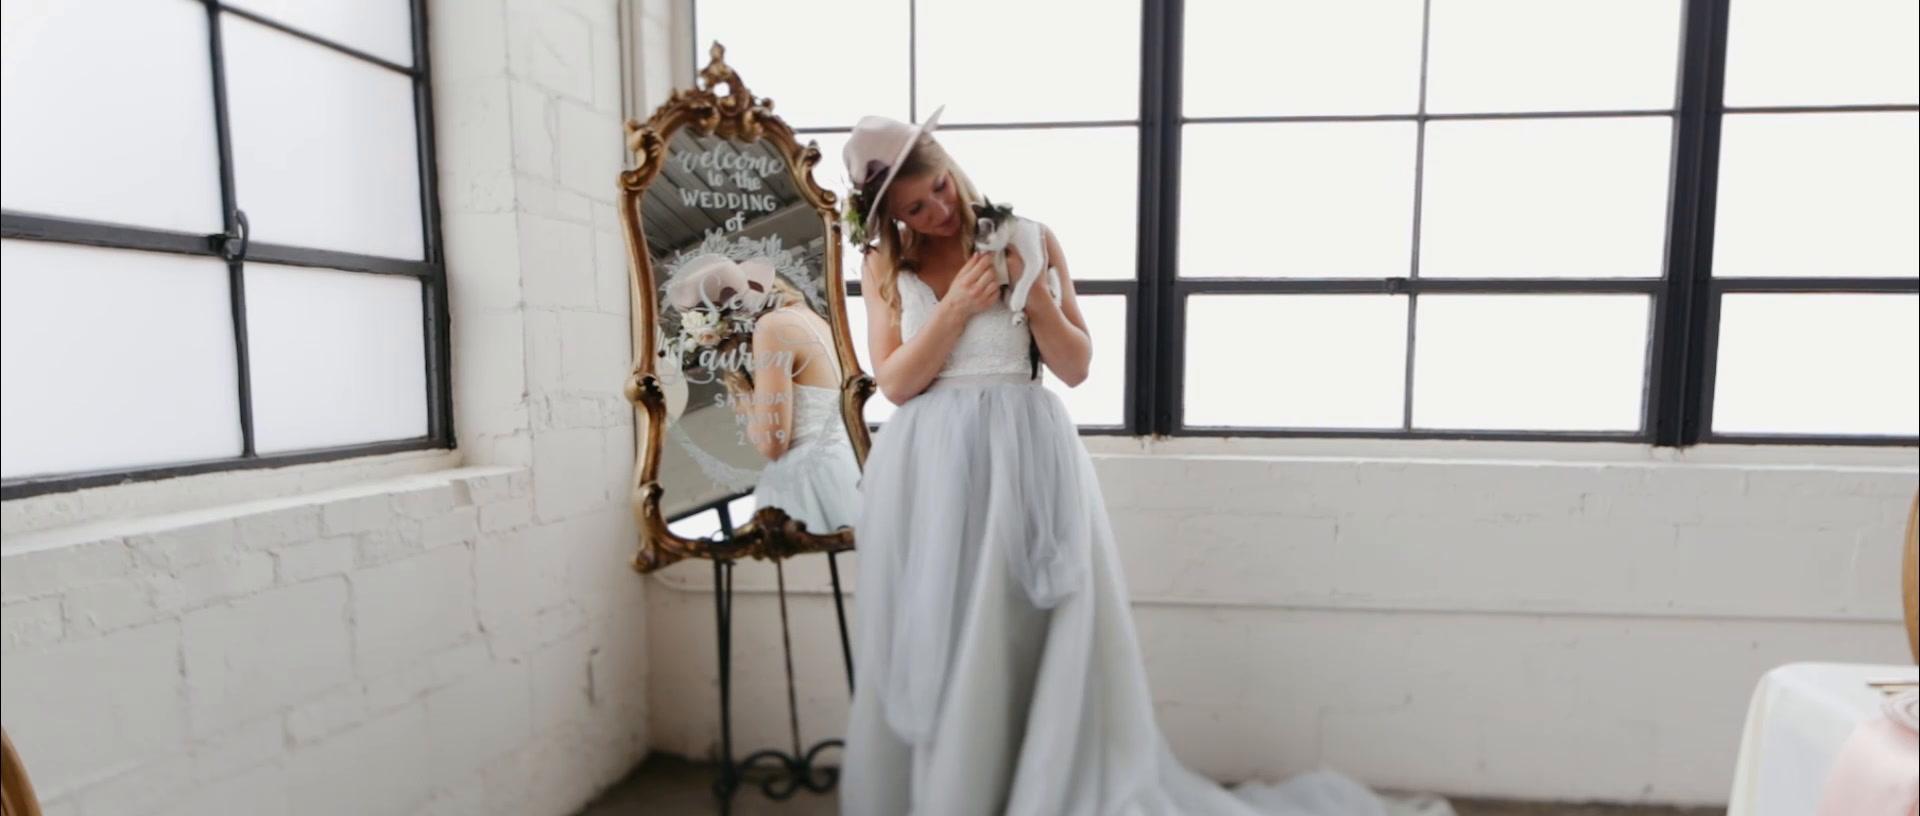 Lauren + Flowers | Memphis, Tennessee | Propcellar